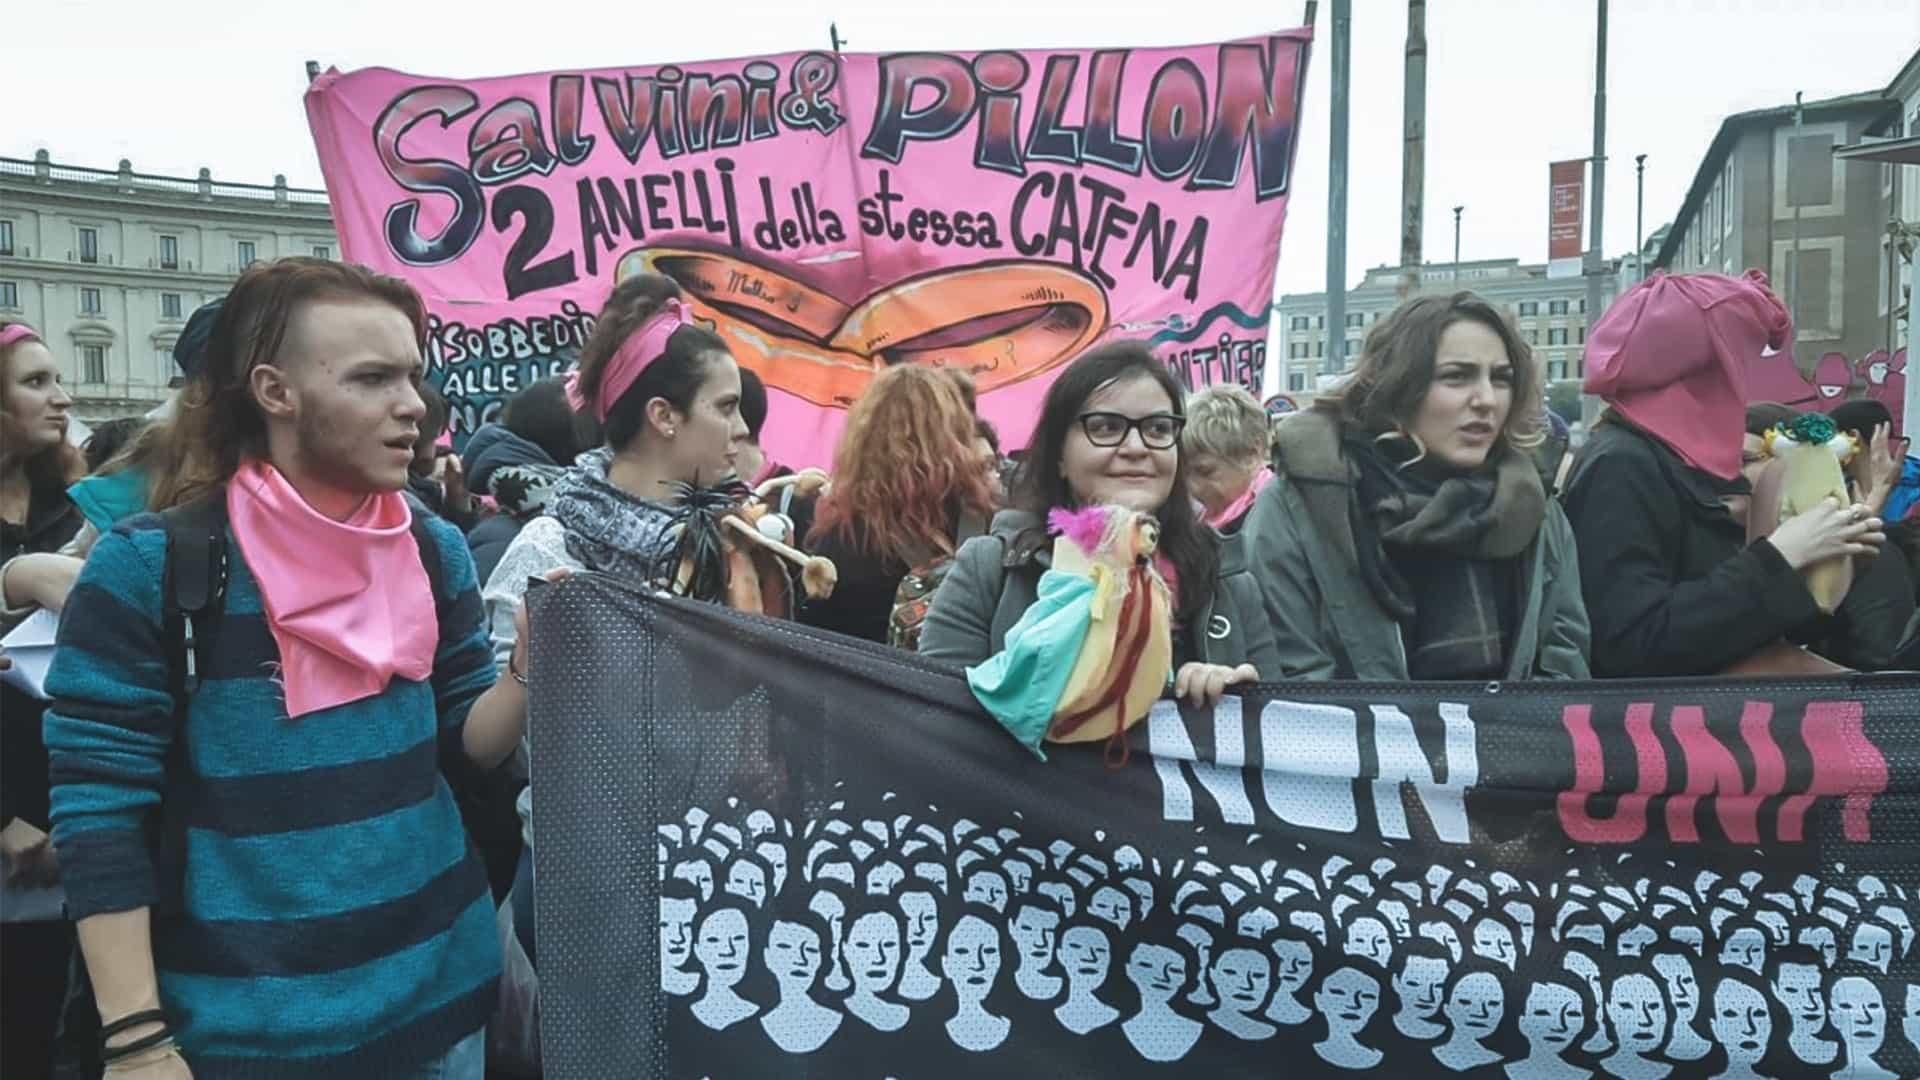 Il ddl Pillon ha generato proteste in tutta Italia